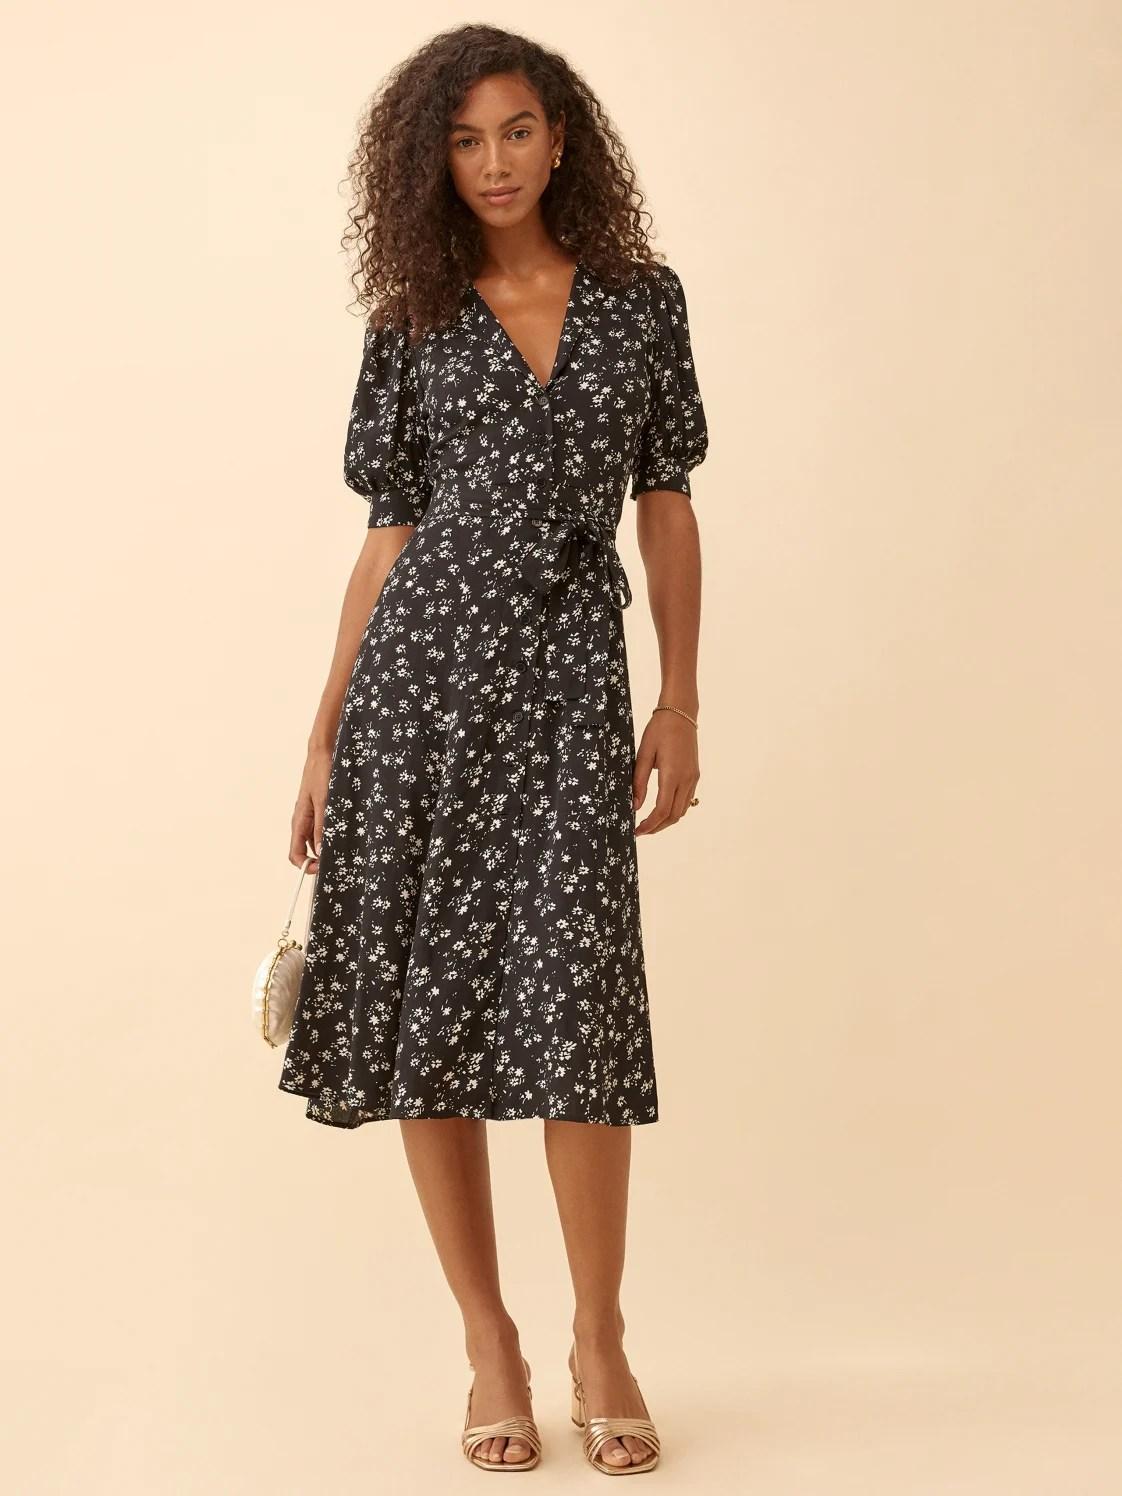 Jasmine Mavi Dress